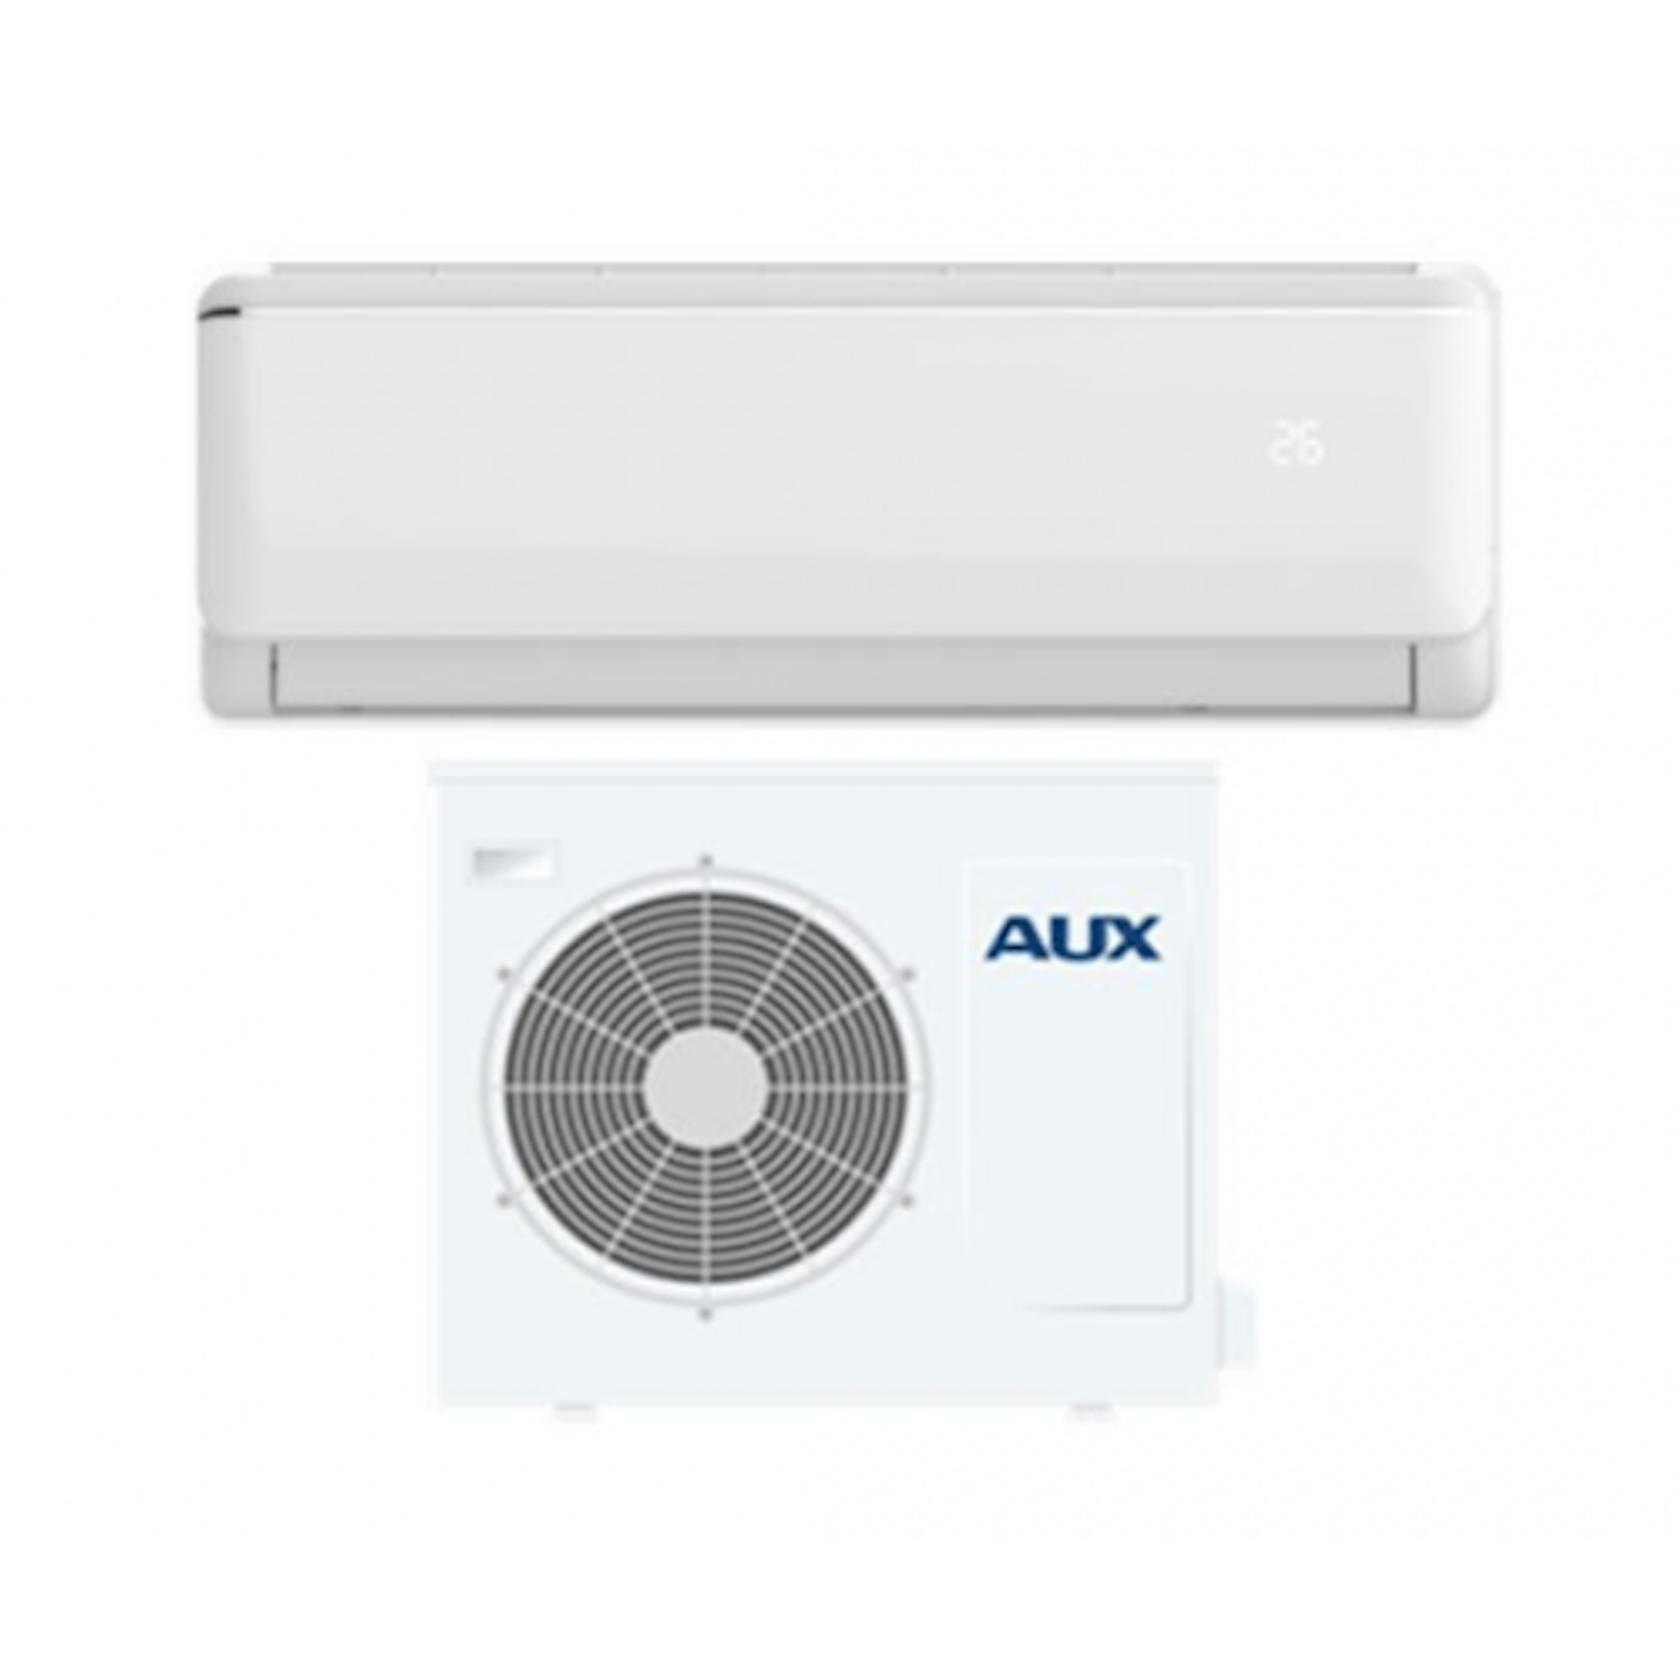 Kondisioner AUX ASW-H12A4/FMR1DI/ASW-H12A4/MR1DI